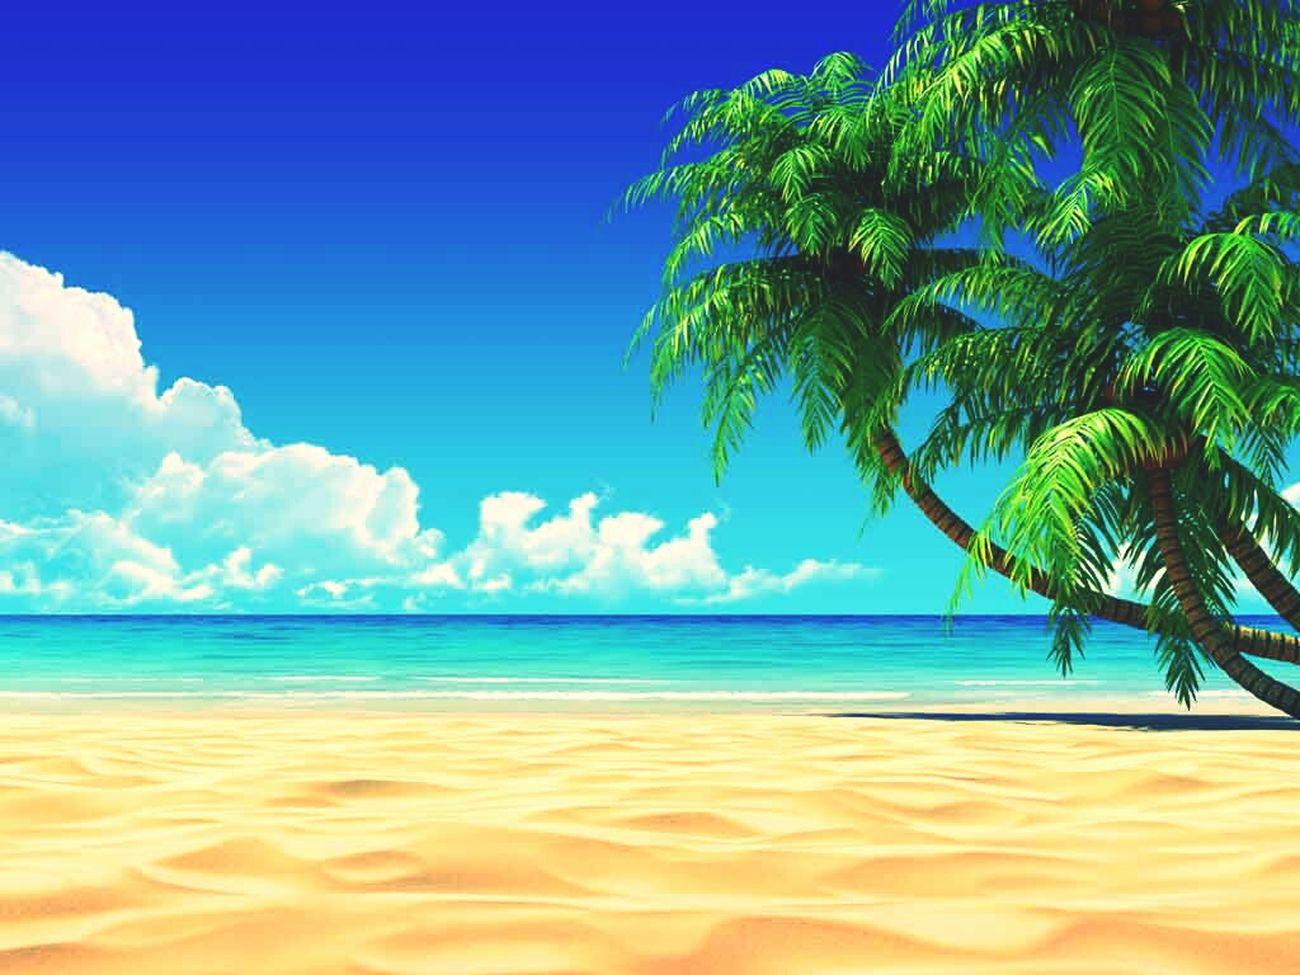 Um paraiso na terra!